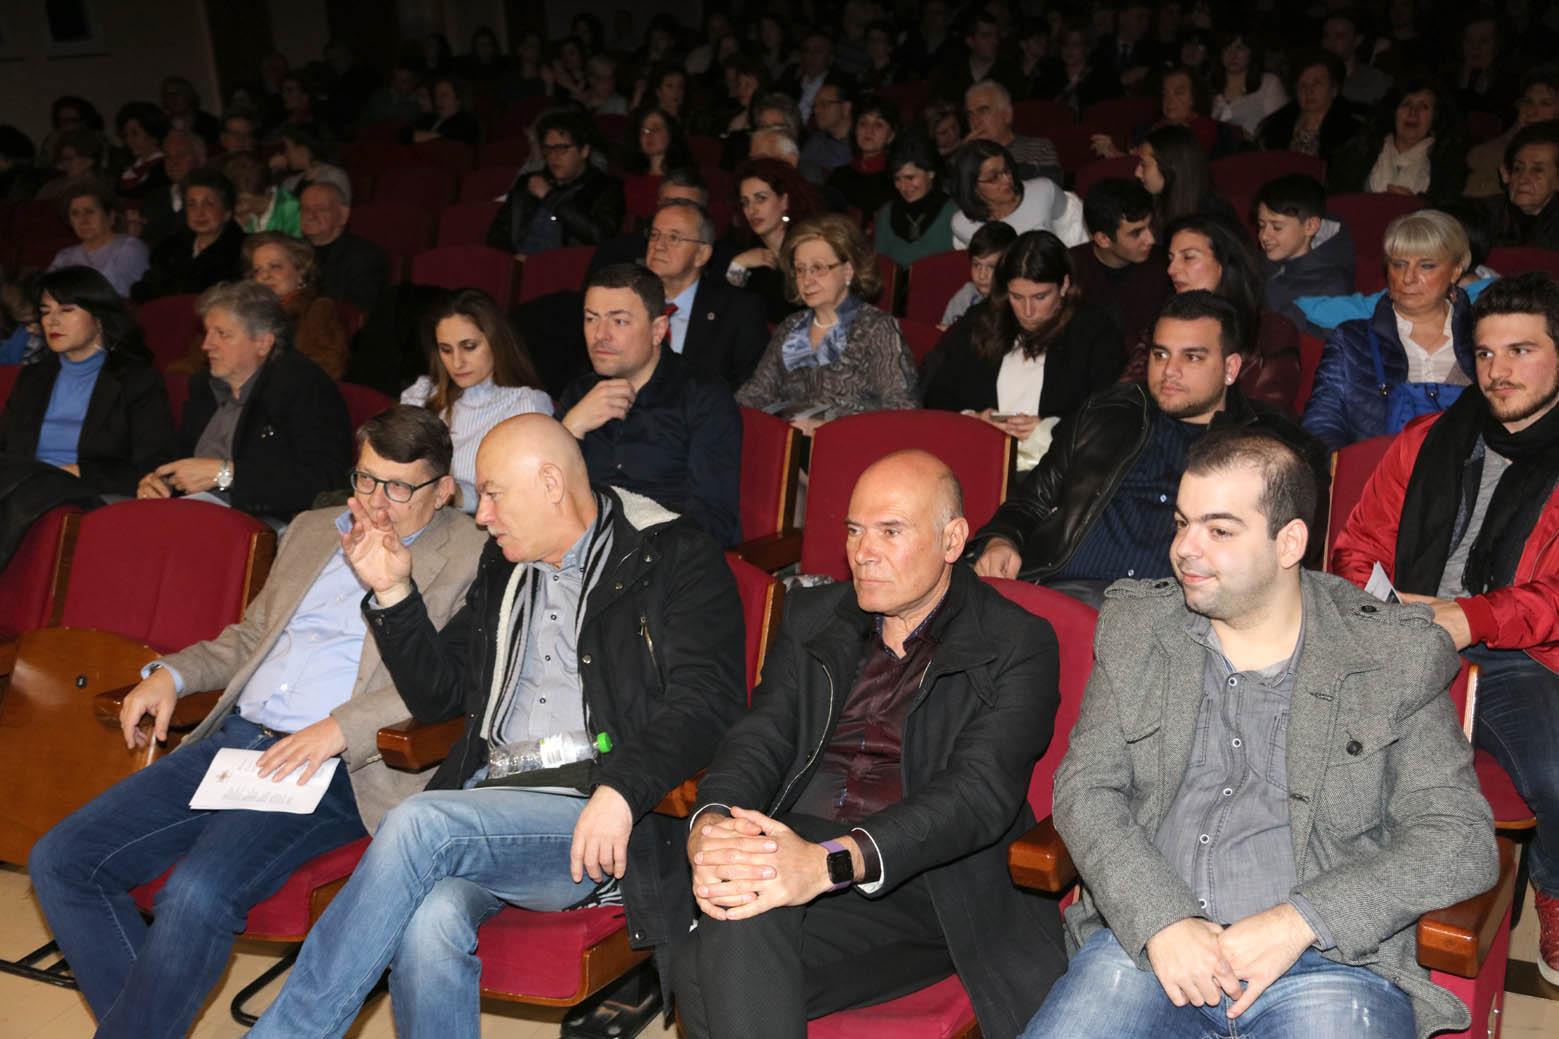 συναυλια κωνσταντινιδης κτιστακης (3)